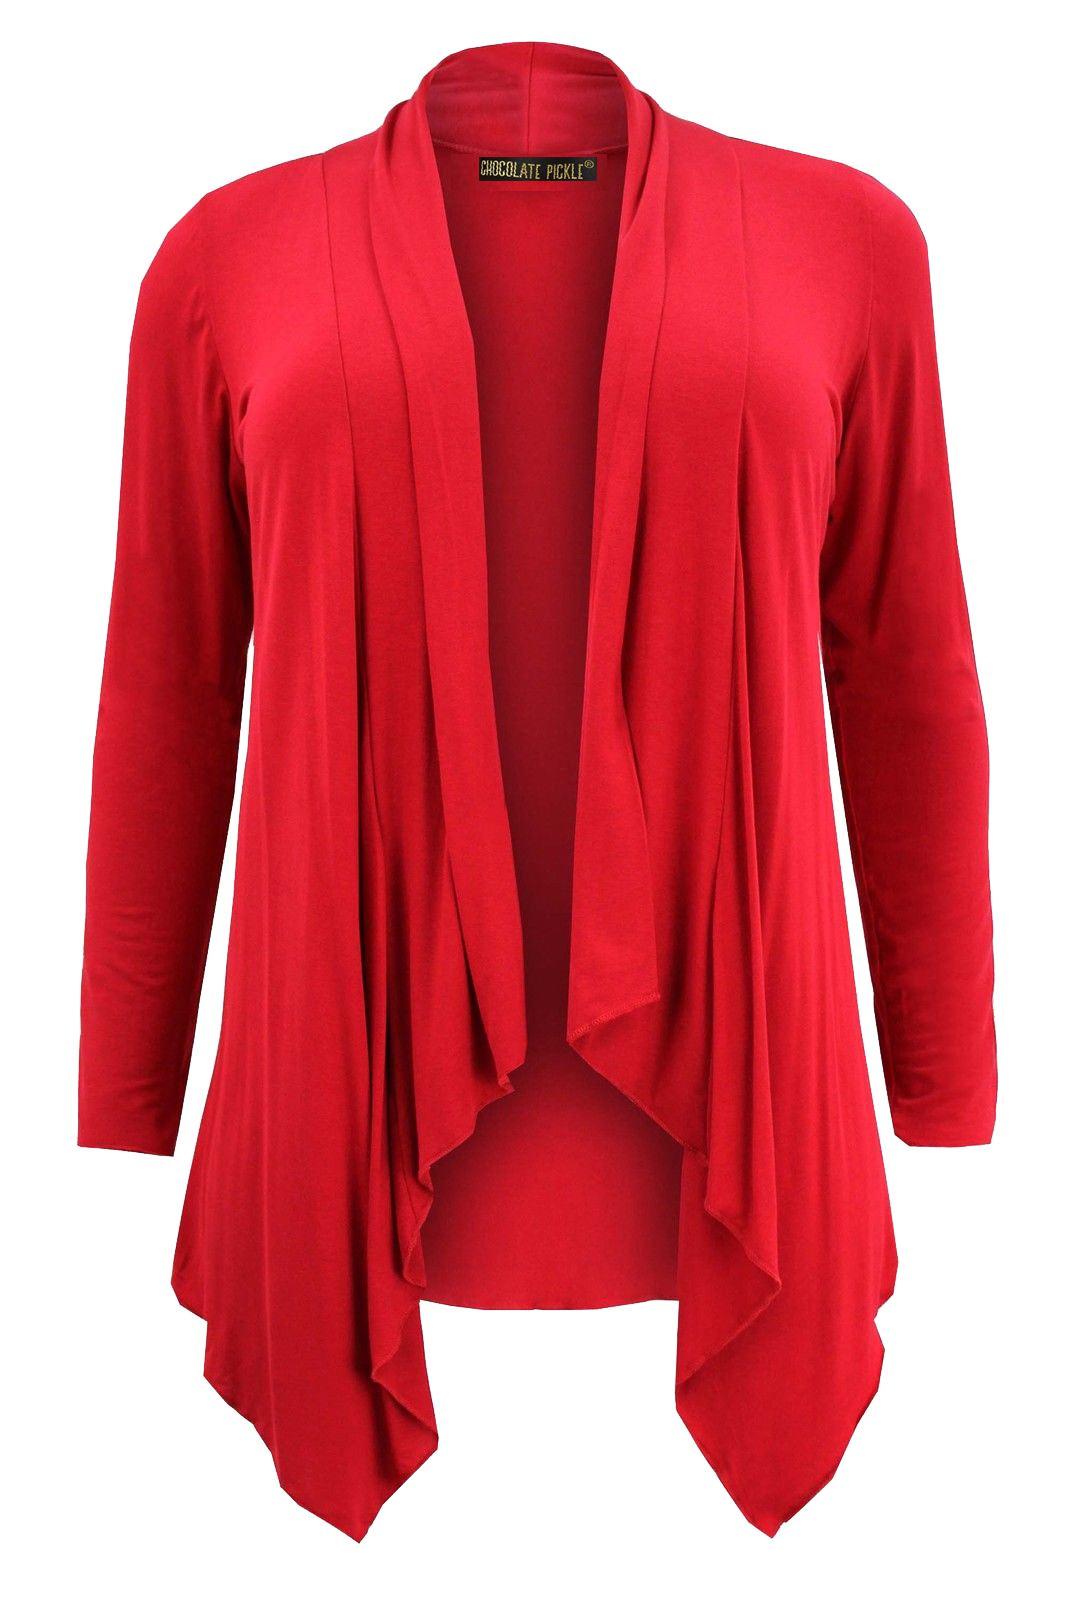 neu damen rot wasserfall ausschnitt jersey strickjacke 8 26. Black Bedroom Furniture Sets. Home Design Ideas